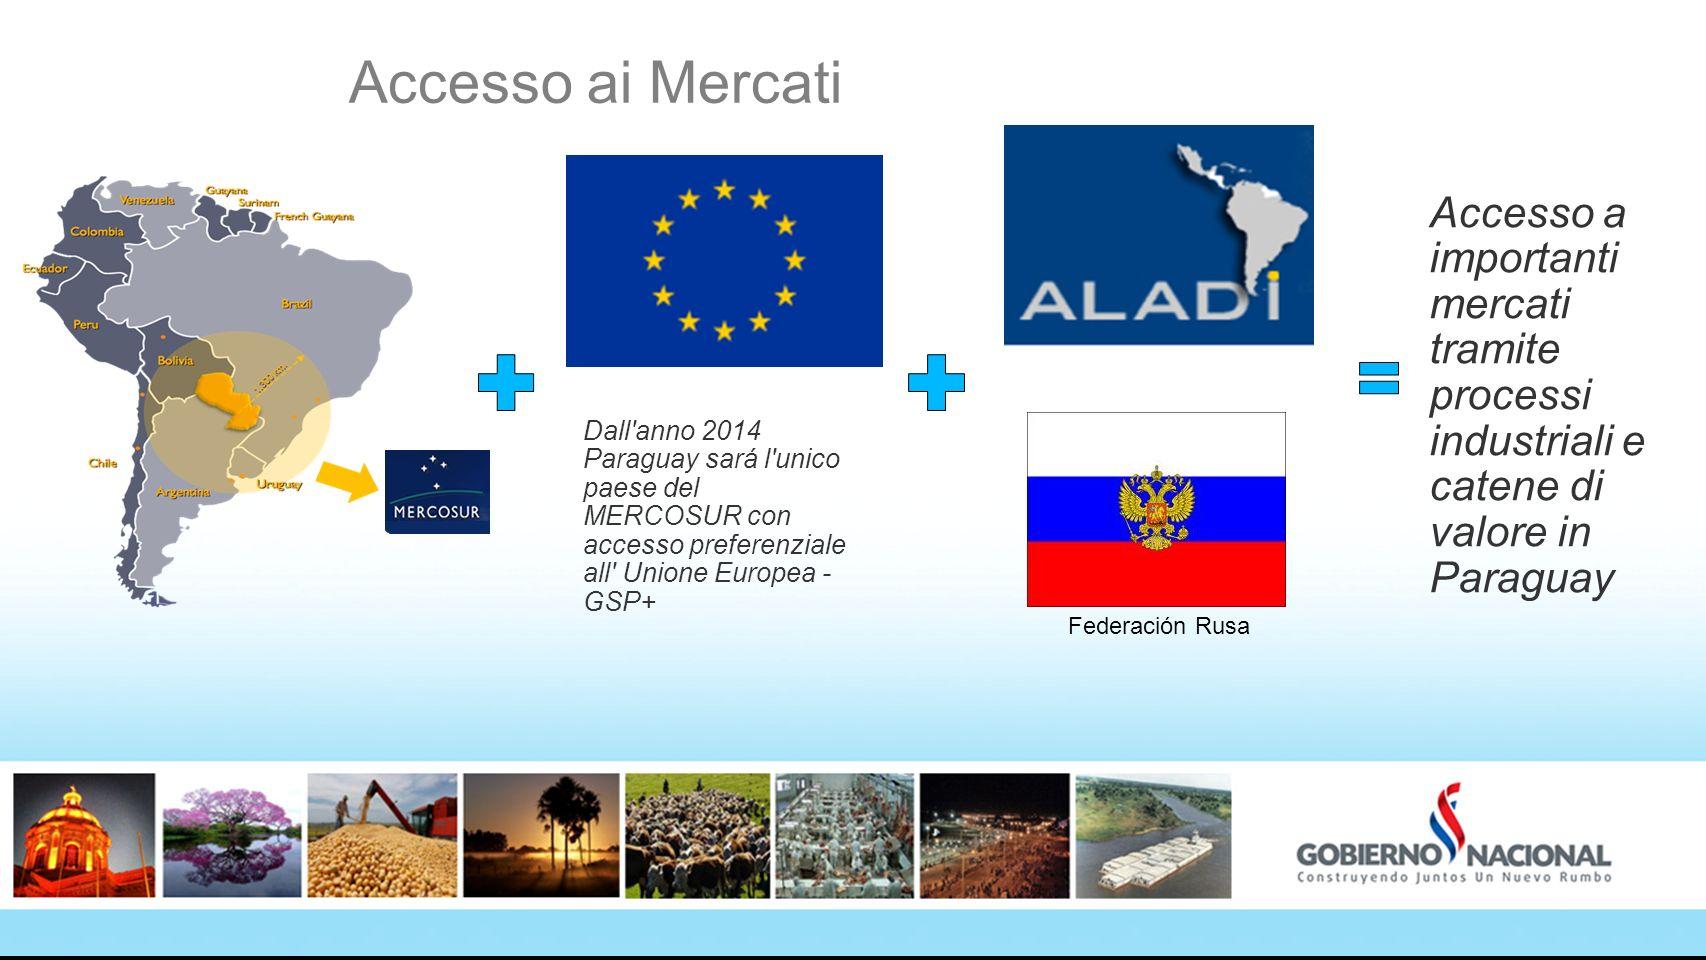 2020 Accesso ai Mercati. Accesso a importanti mercati tramite processi industriali e catene di valore in Paraguay.